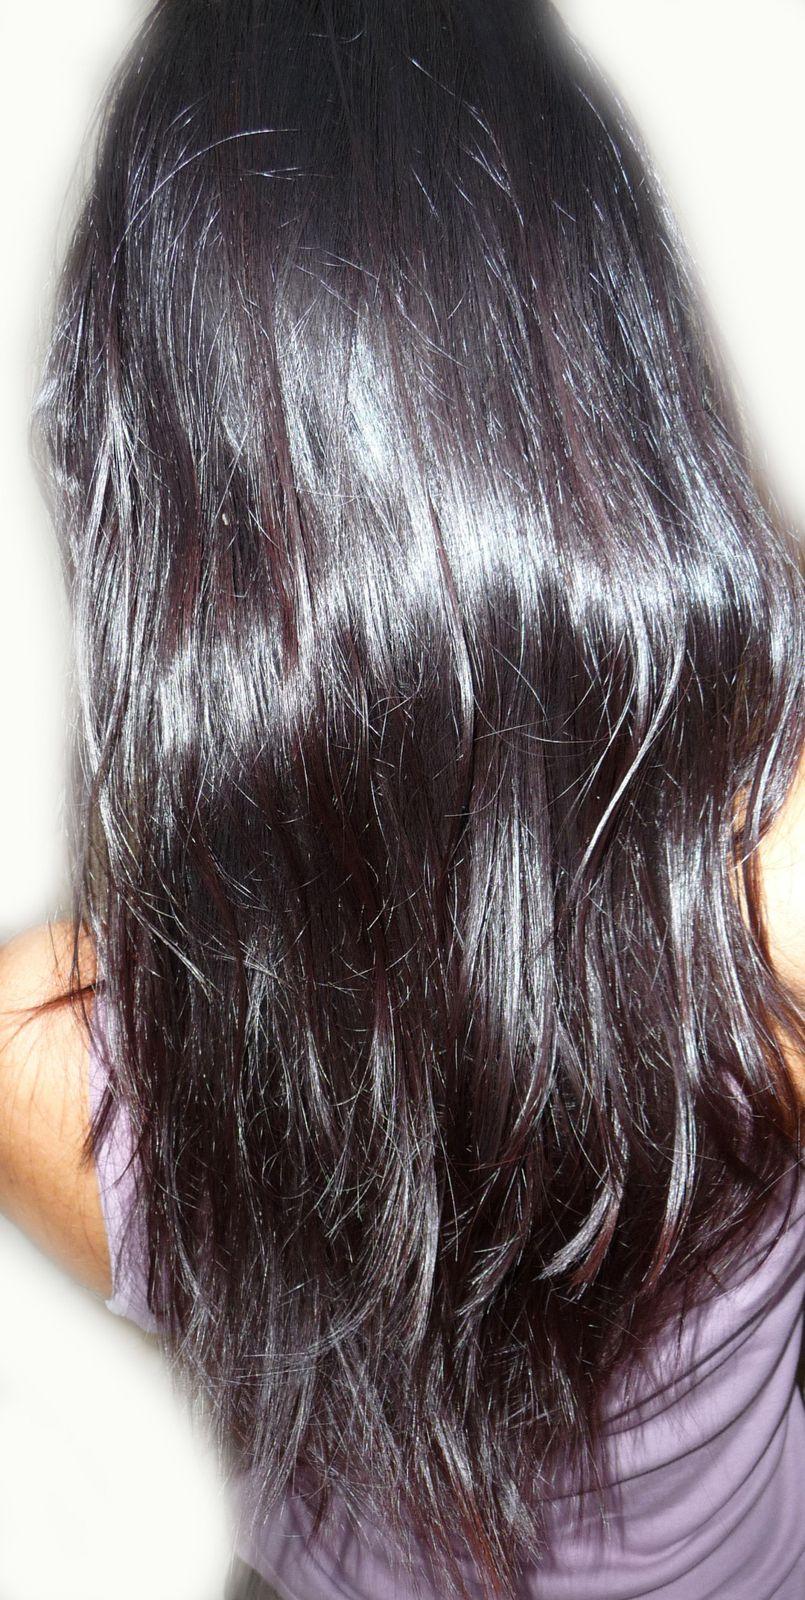 10 septembre 1er mlange de henn inde centifolia pos 5h30 puis 2me mlange 30gr - Coloration Henn Noir